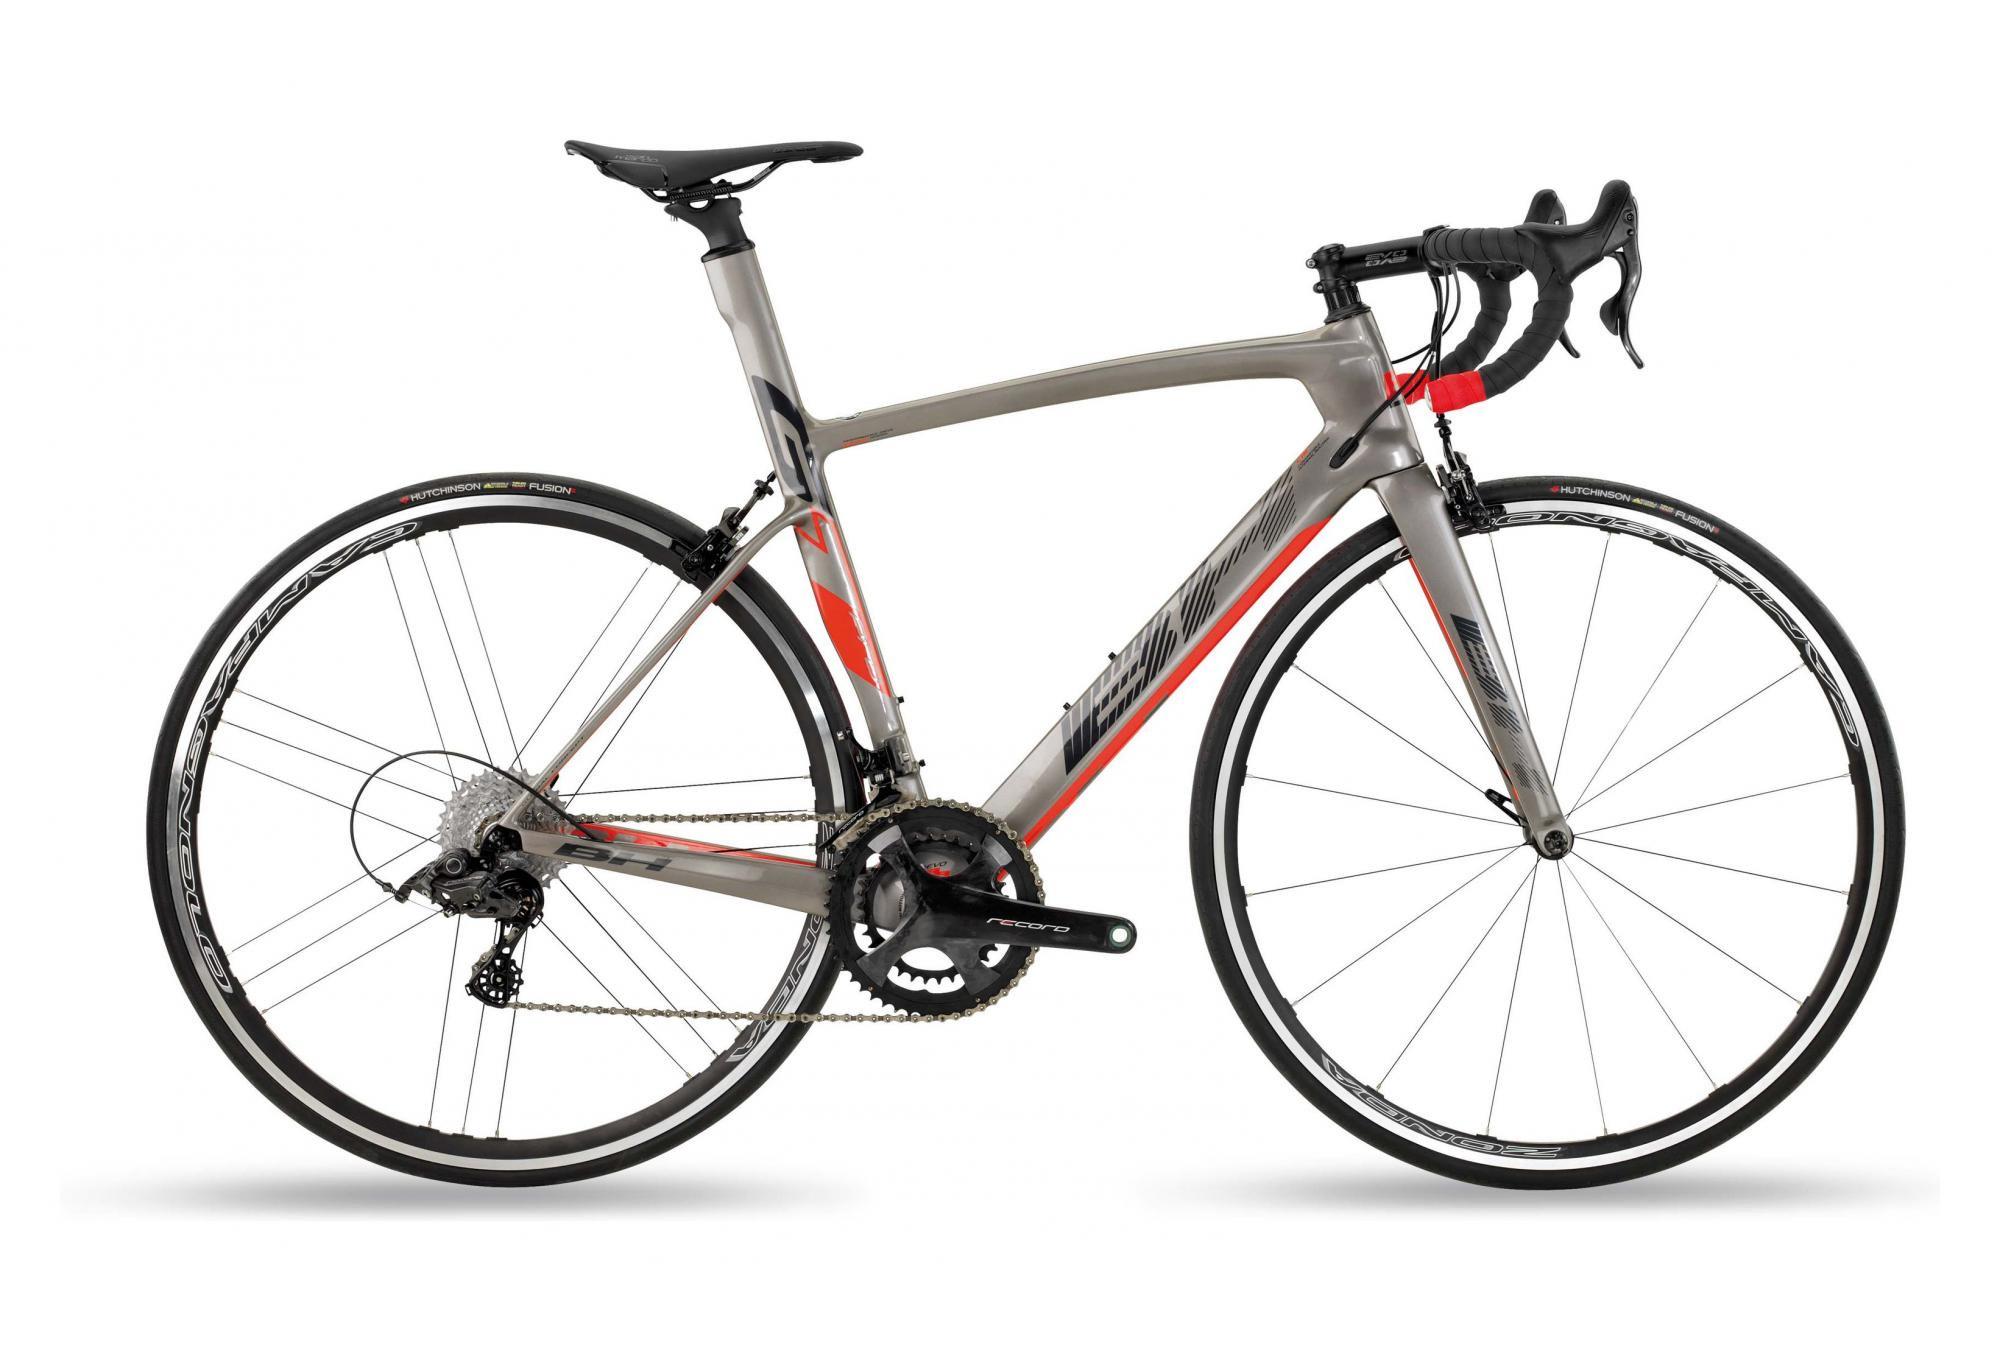 Vélo de route BH G7 Pro 6.0 Campagnolo Record 12V - Gris / Rouge, Tailles S à L